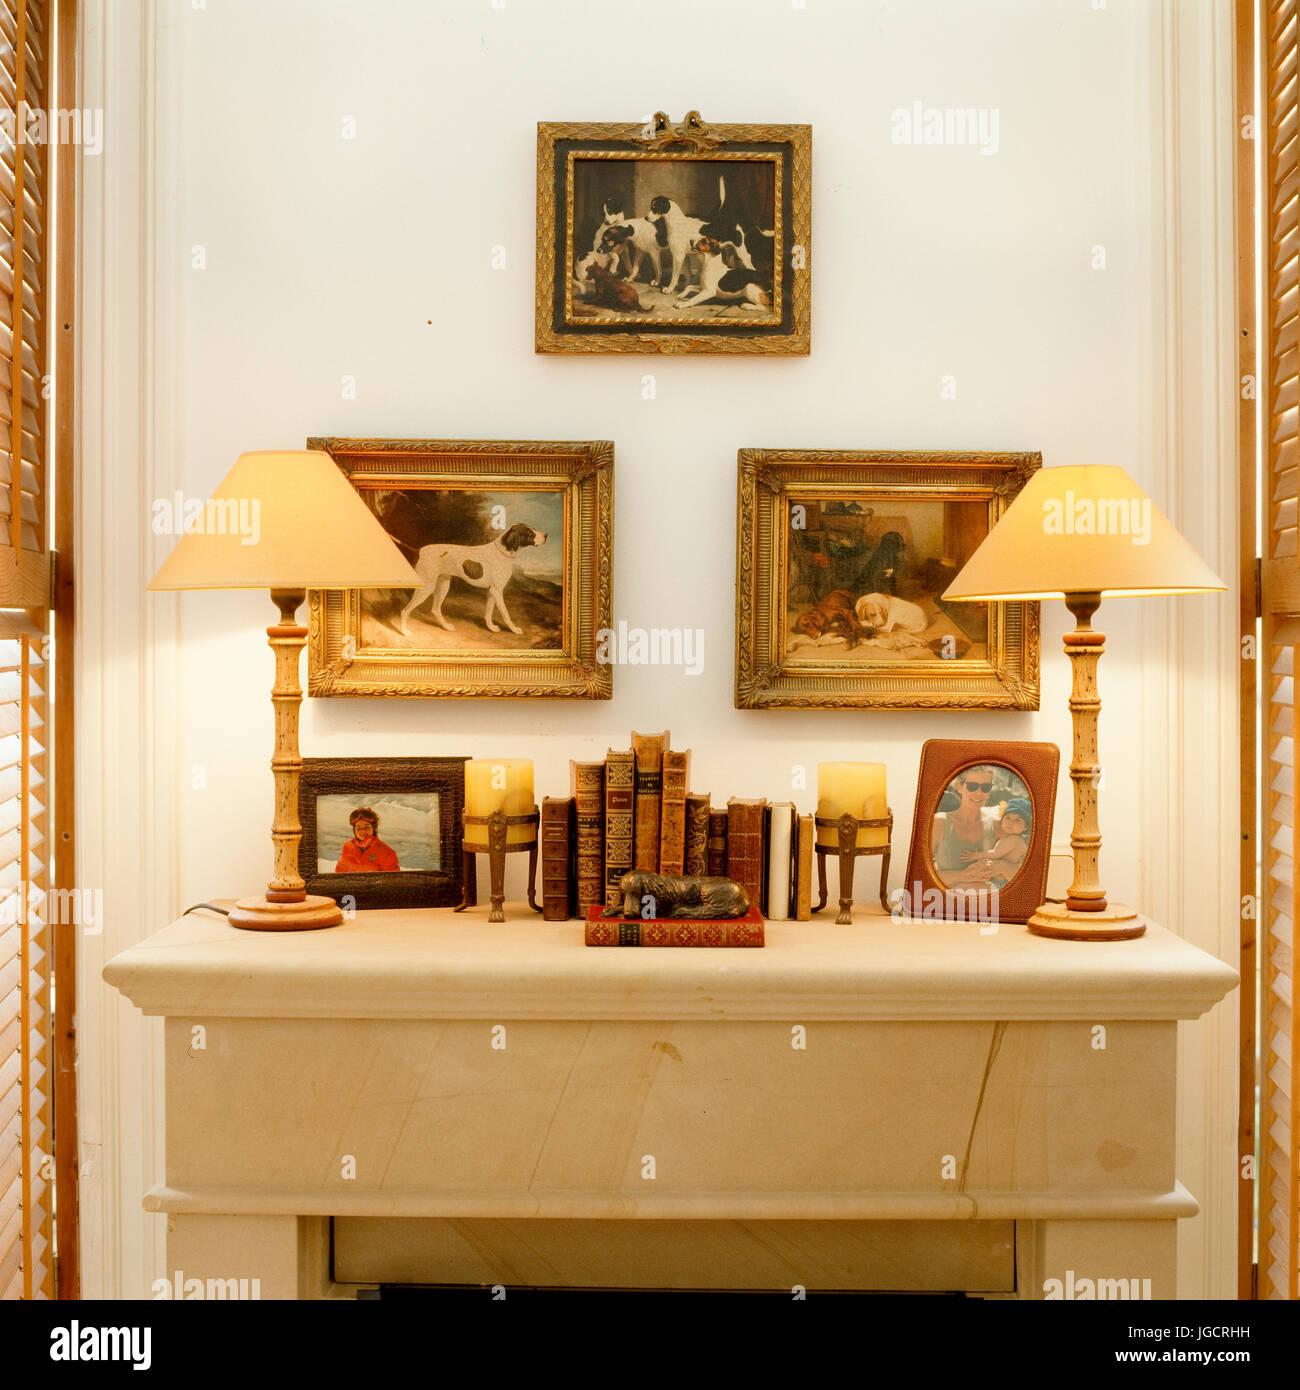 La cheminée avec lampes vintage et d'art Photo Stock